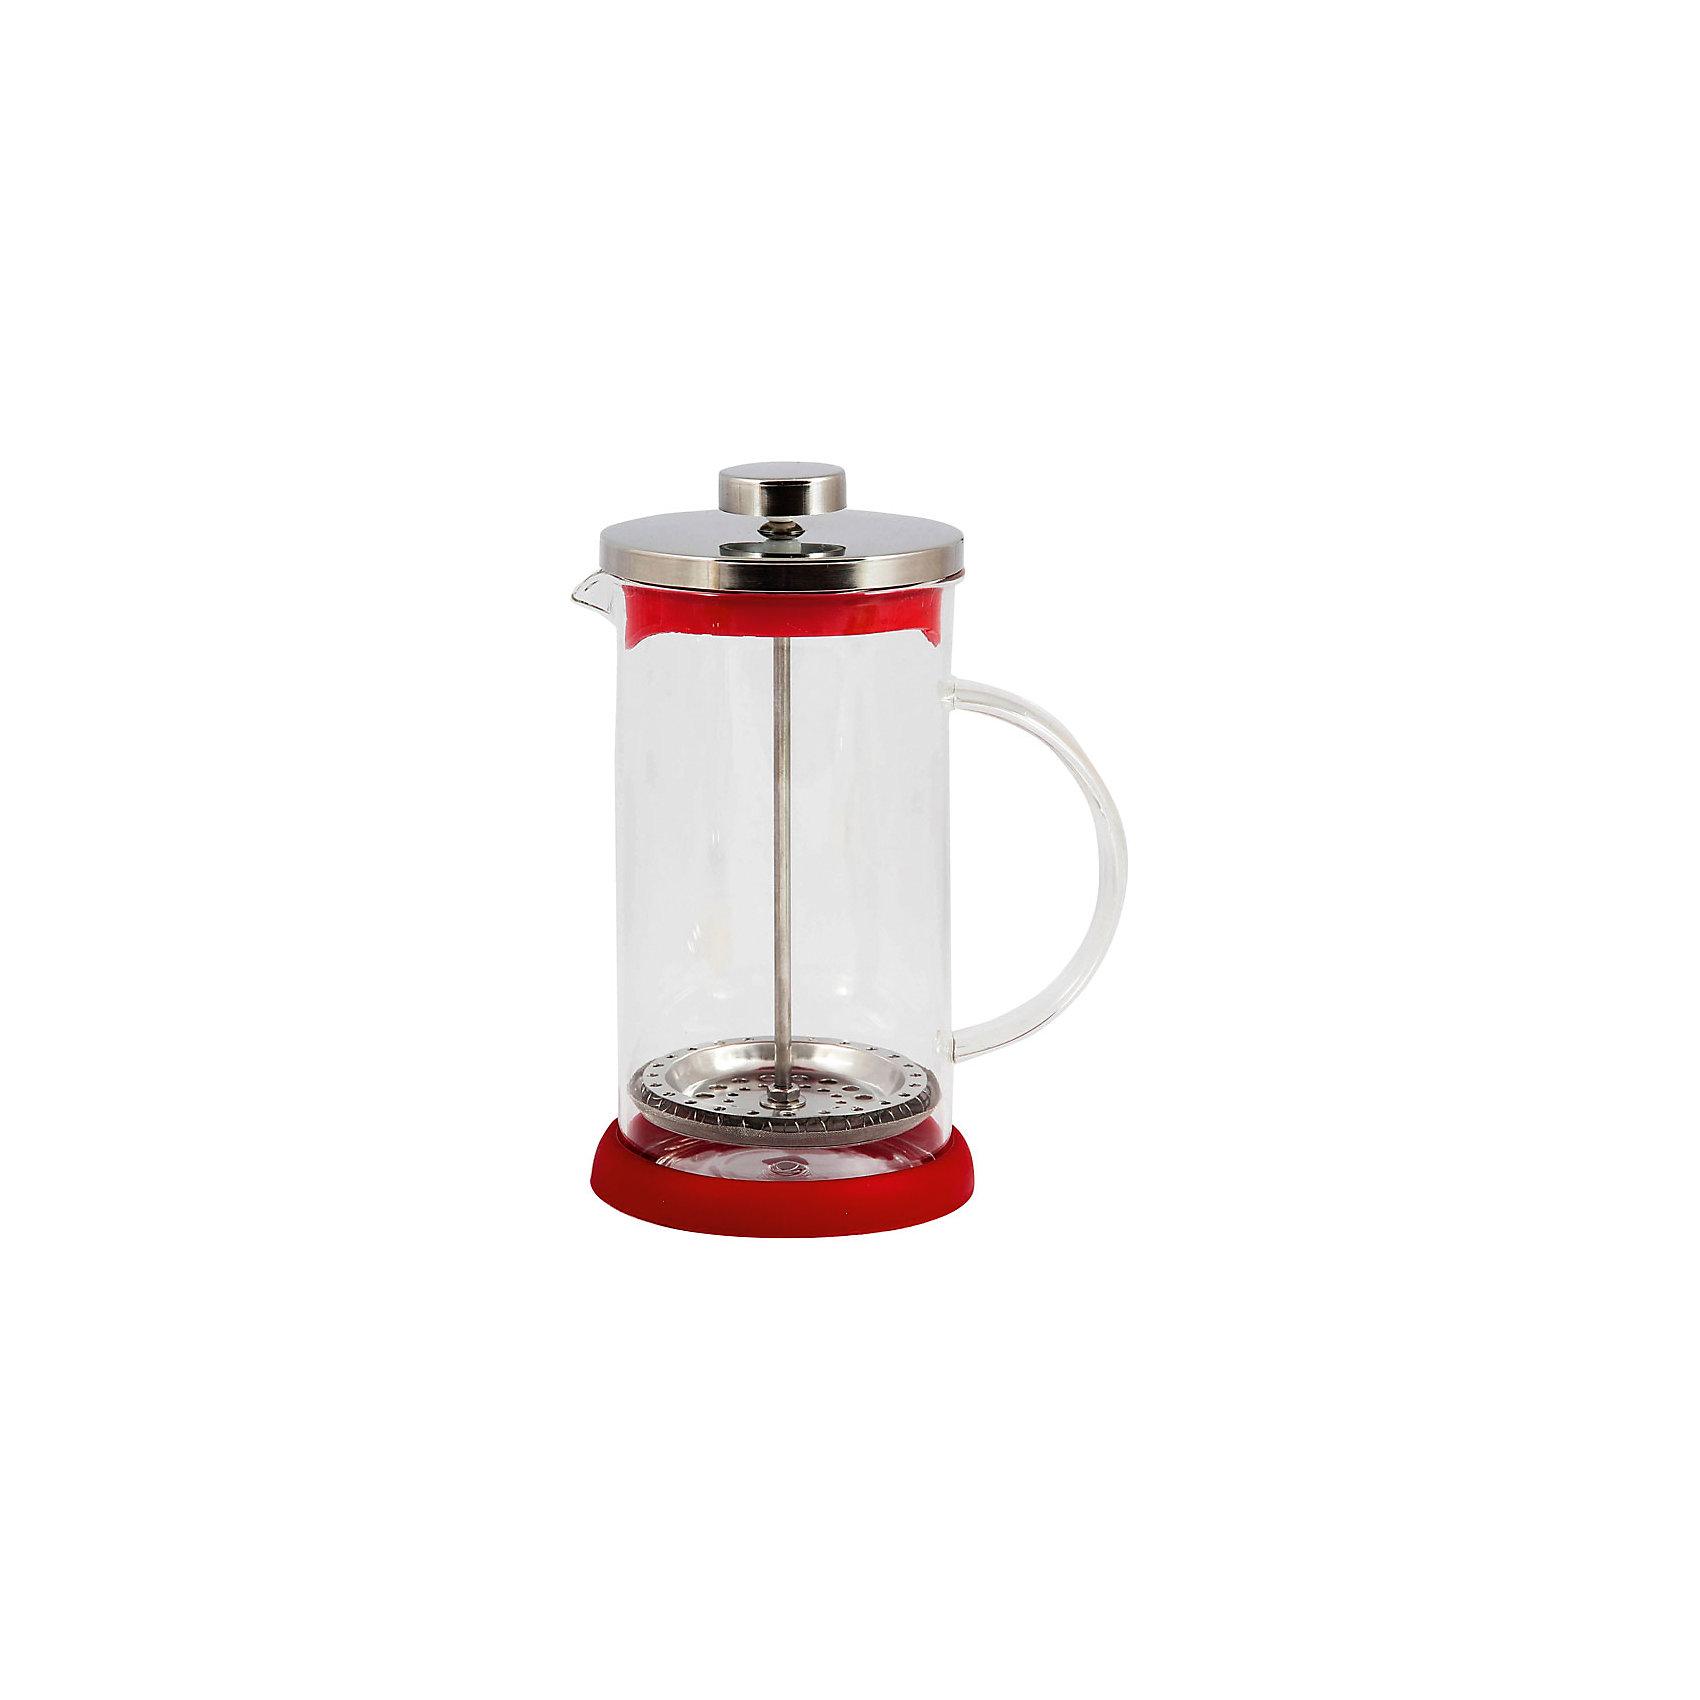 Кофе-пресс стеклянный GFP01-800ML-R, Mallony, красныйБытовая техника для кухни<br>Заварить чай или подать кофе – кофе-пресс Mallony поможет в этом. Прозрачная стеклянная колба дает возможность увидеть насыщенный цвет чая, рассмотреть, как раскрываются чайные листья, набухают и отдают свой цвет, наполняя кухню ароматом свежеприготовленного напитка. После того, как чай настоится, специальный пресс опускается, листья плотно прижимаются ко дну чайника, чаинки не попадают в чашку.<br><br>Дополнительная информация:<br><br>Высота чайника: 19,8 см<br>Объем: 800 мл<br><br>Материал: стекло, нержавеющая сталь, силикон, пластик.<br><br>Упаковка: цветная индивидуальная коробка.<br><br>Кофе-пресс стеклянный GFP01-800ML-R, Mallony, красный можно купить в нашем интернет-магазине.<br><br>Ширина мм: 165<br>Глубина мм: 113<br>Высота мм: 184<br>Вес г: 557<br>Возраст от месяцев: 216<br>Возраст до месяцев: 1080<br>Пол: Унисекс<br>Возраст: Детский<br>SKU: 4989863